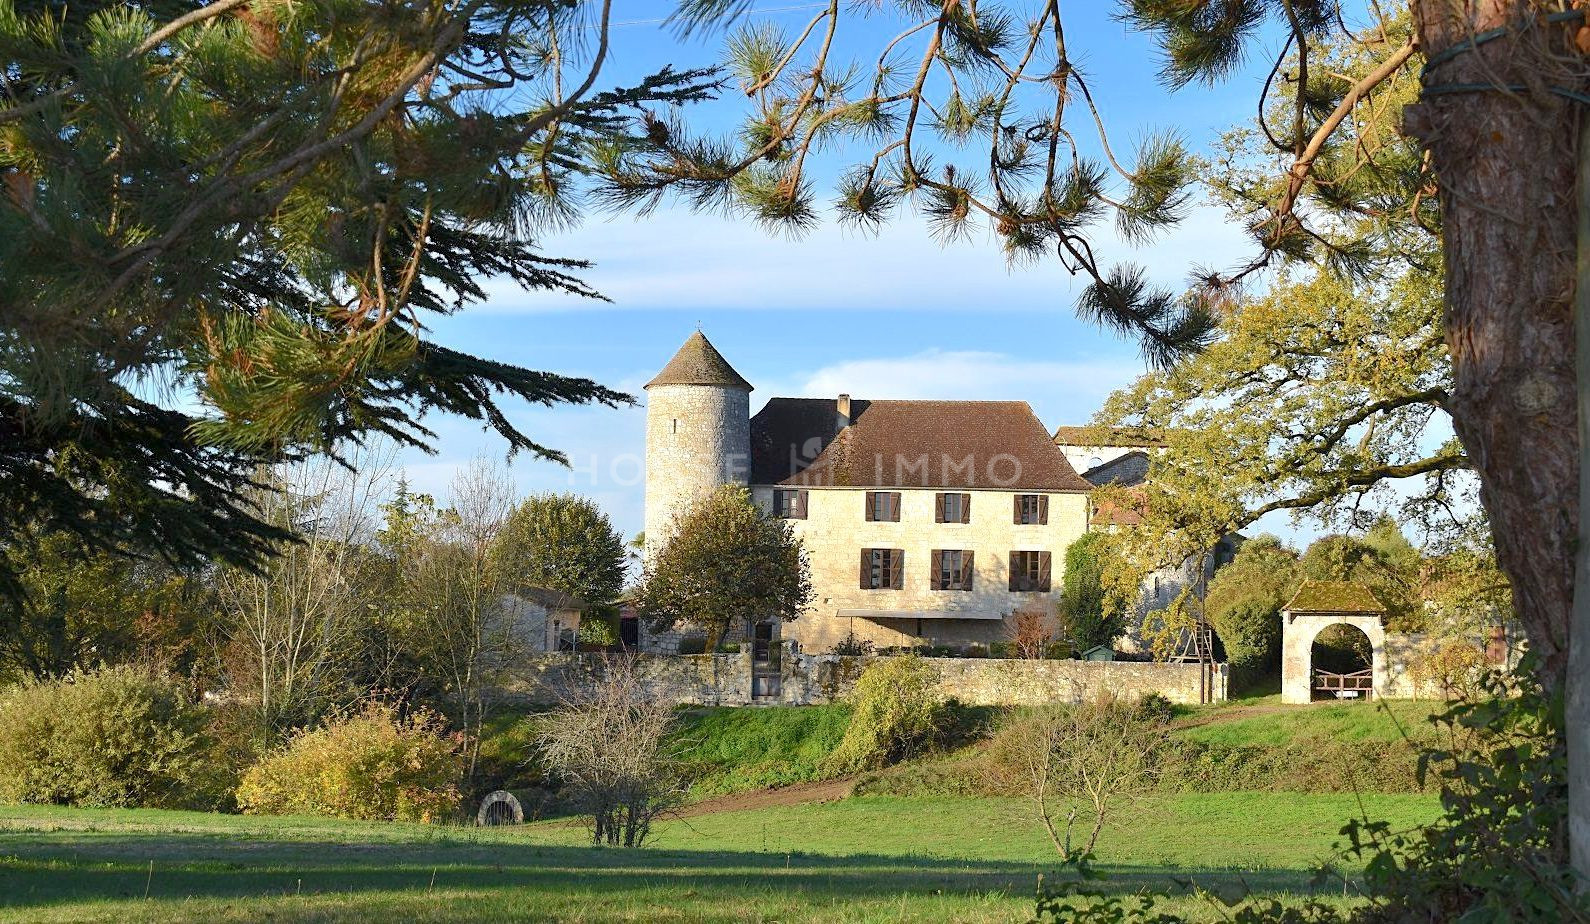 1615973408 VM1712 3 original - Château de 340m² sur 3.5ha à 15 min de Bergerac